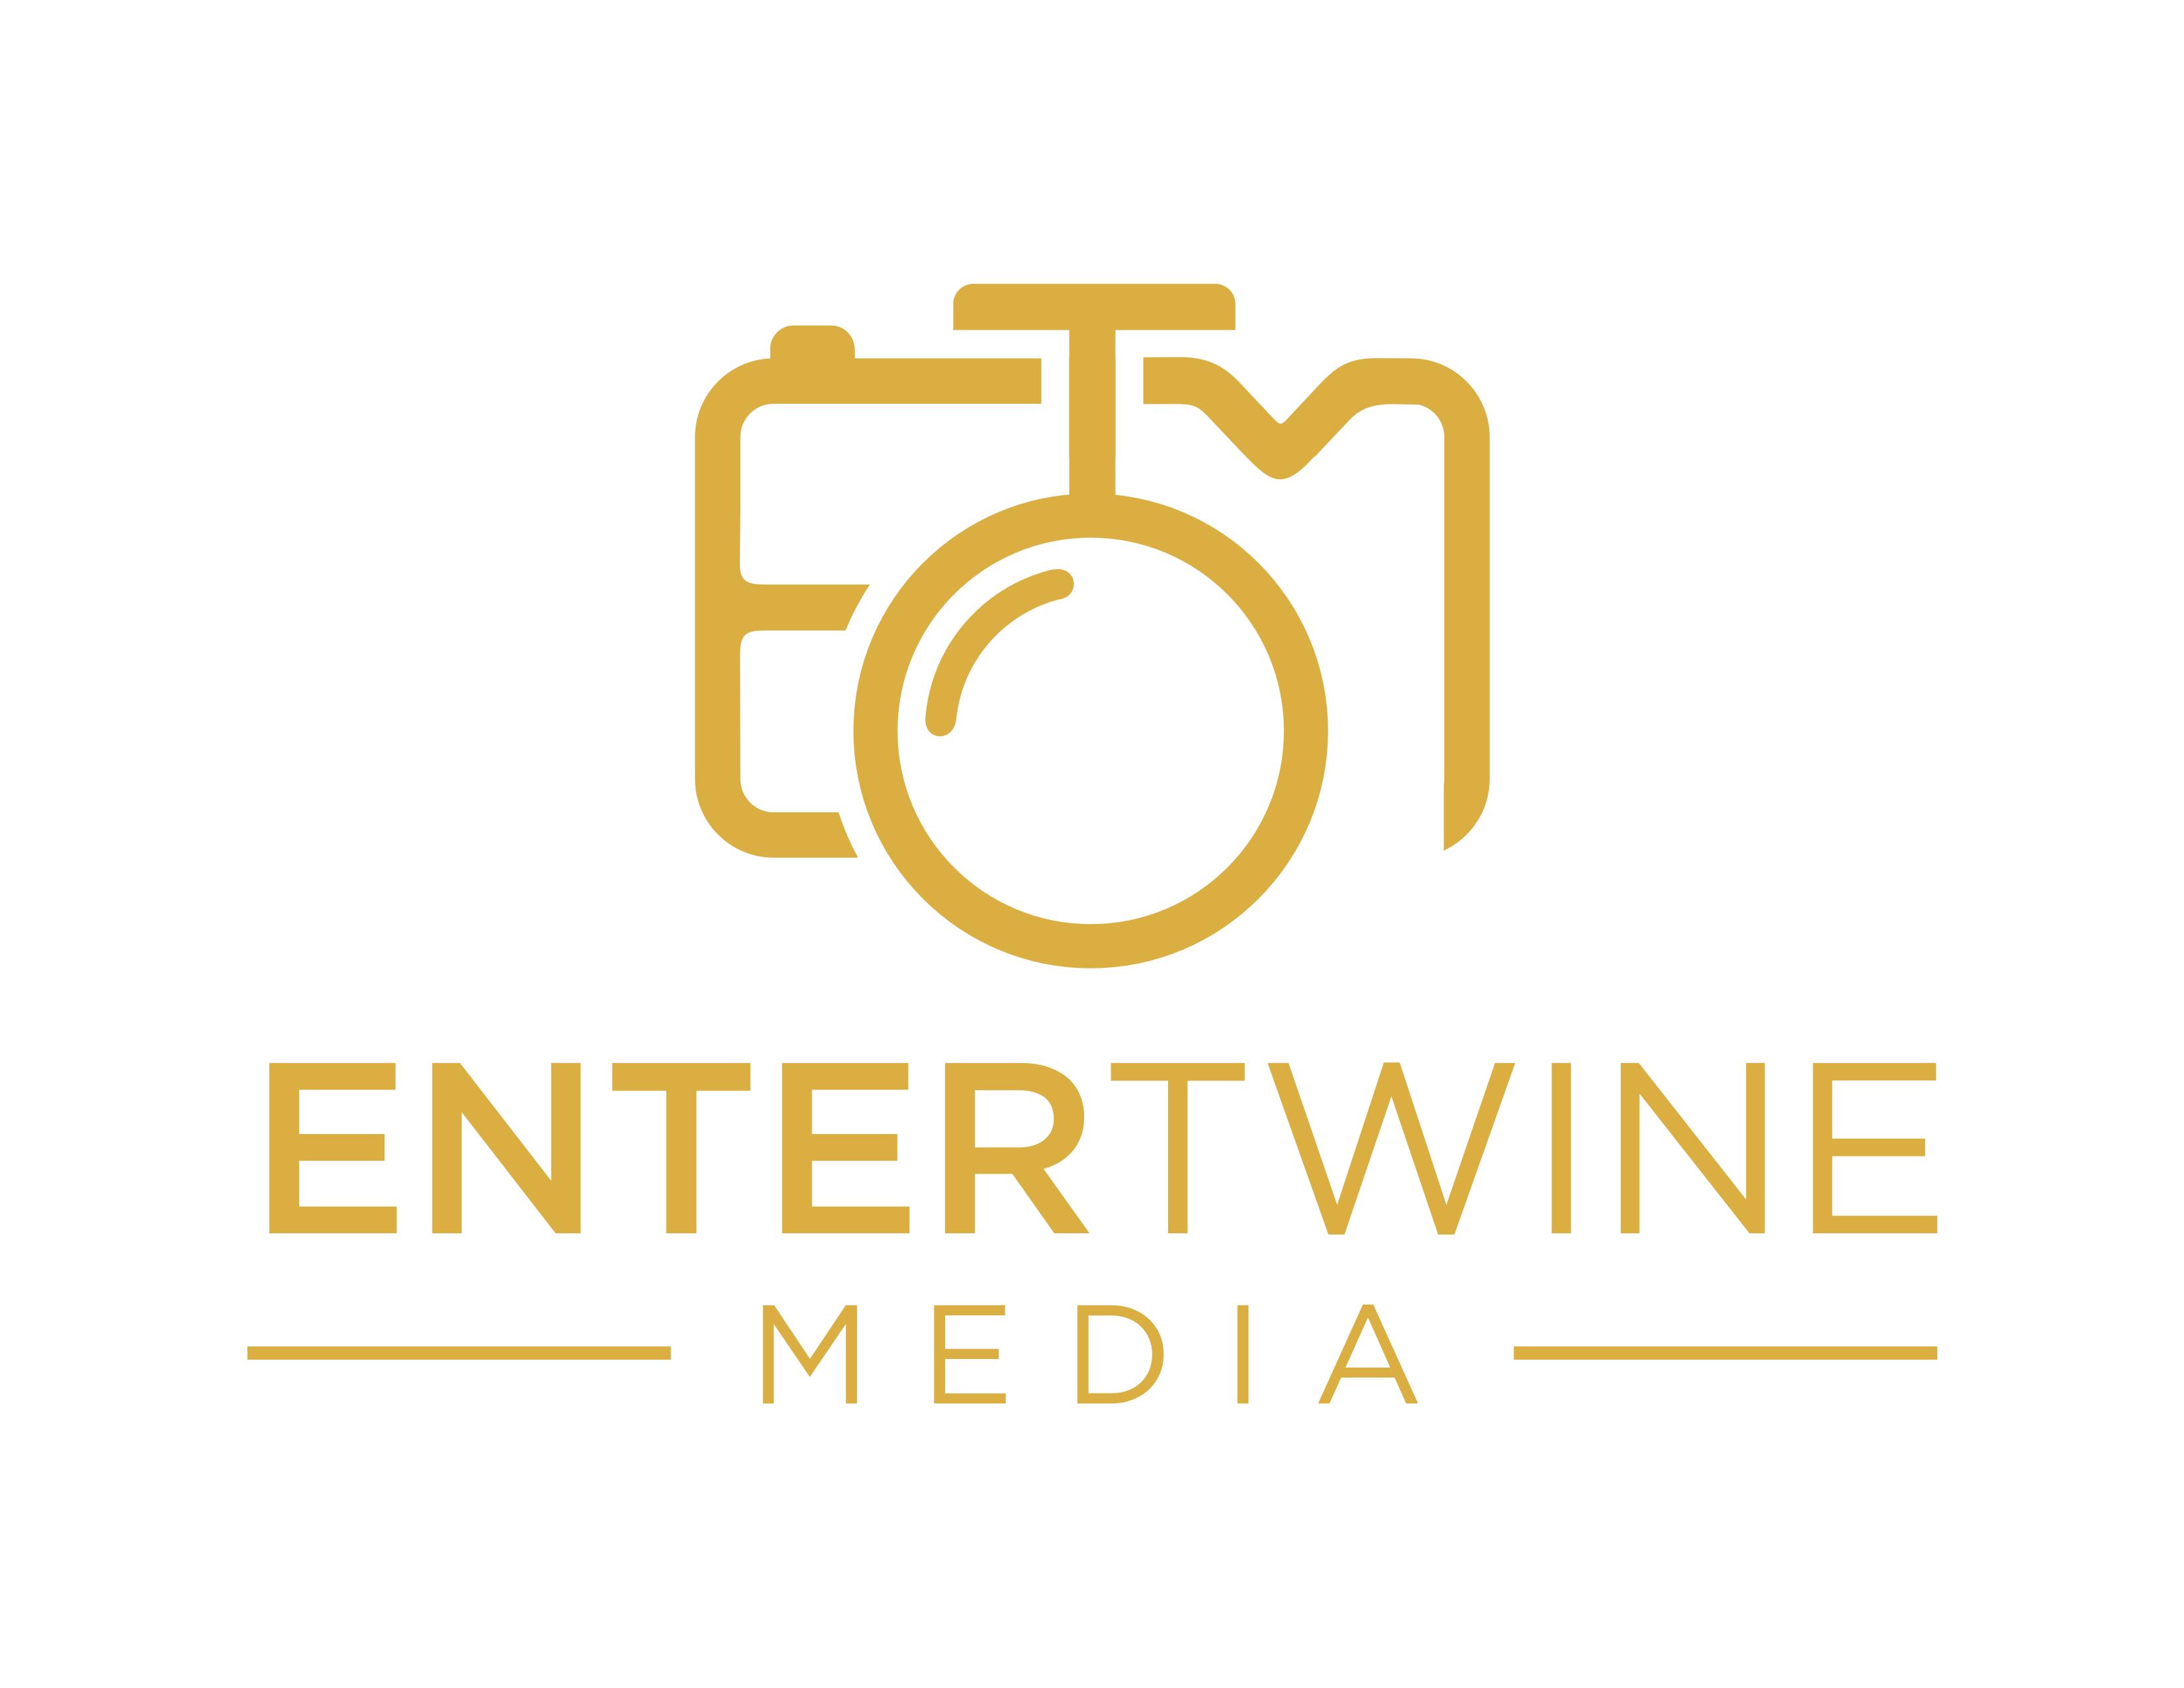 Video & Photo Production Company Logo